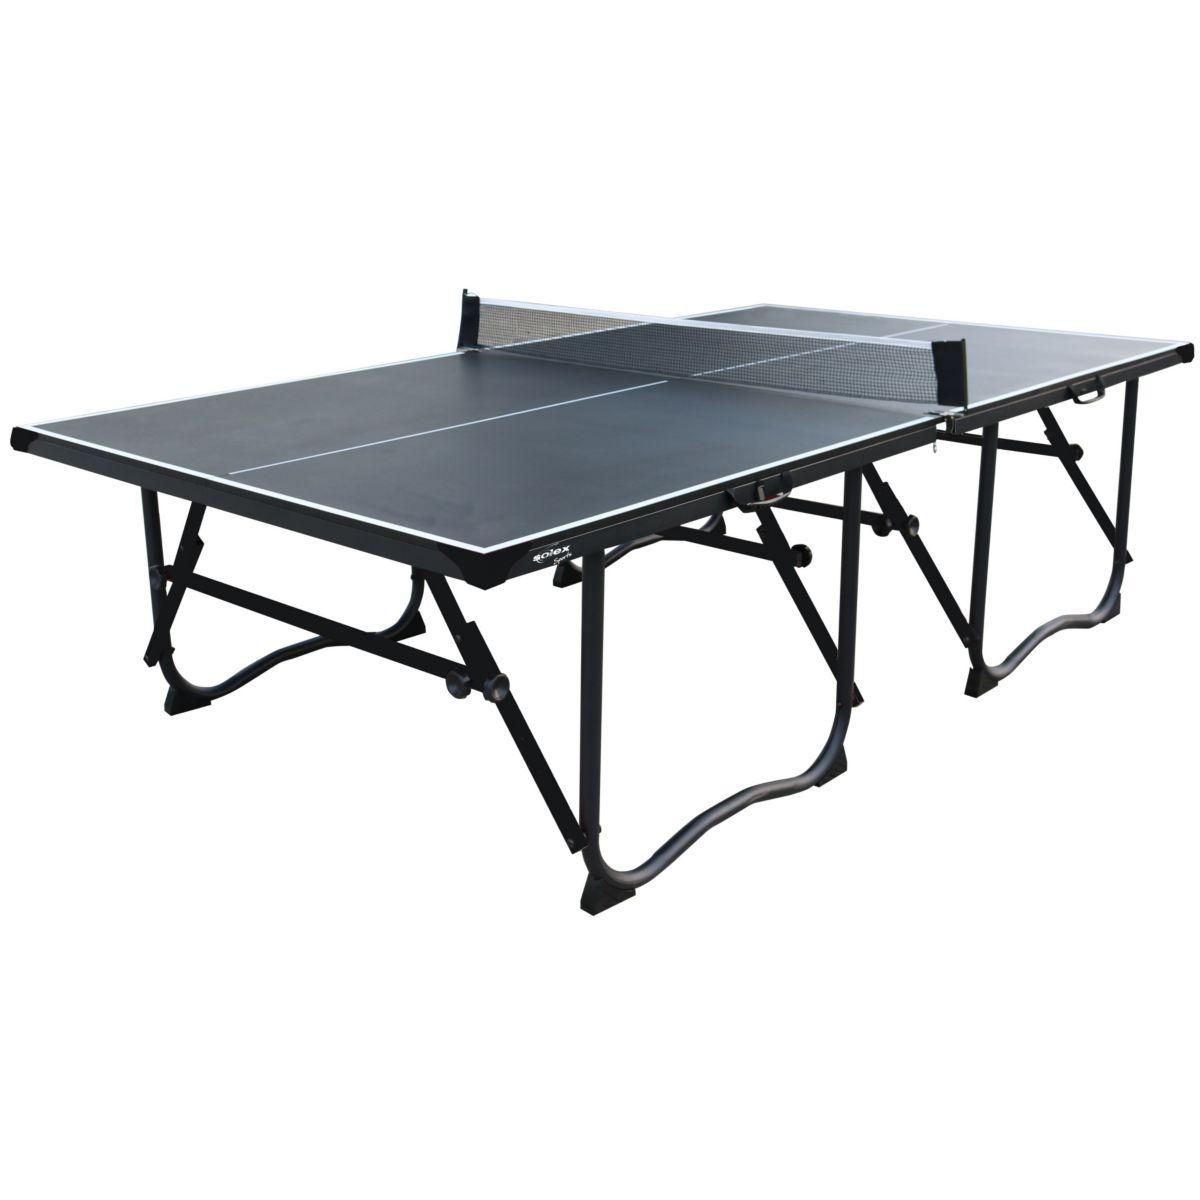 L. A. Sports Tischtennisplatte 4-fach faltbar mit Rollen & Netzgarnitur